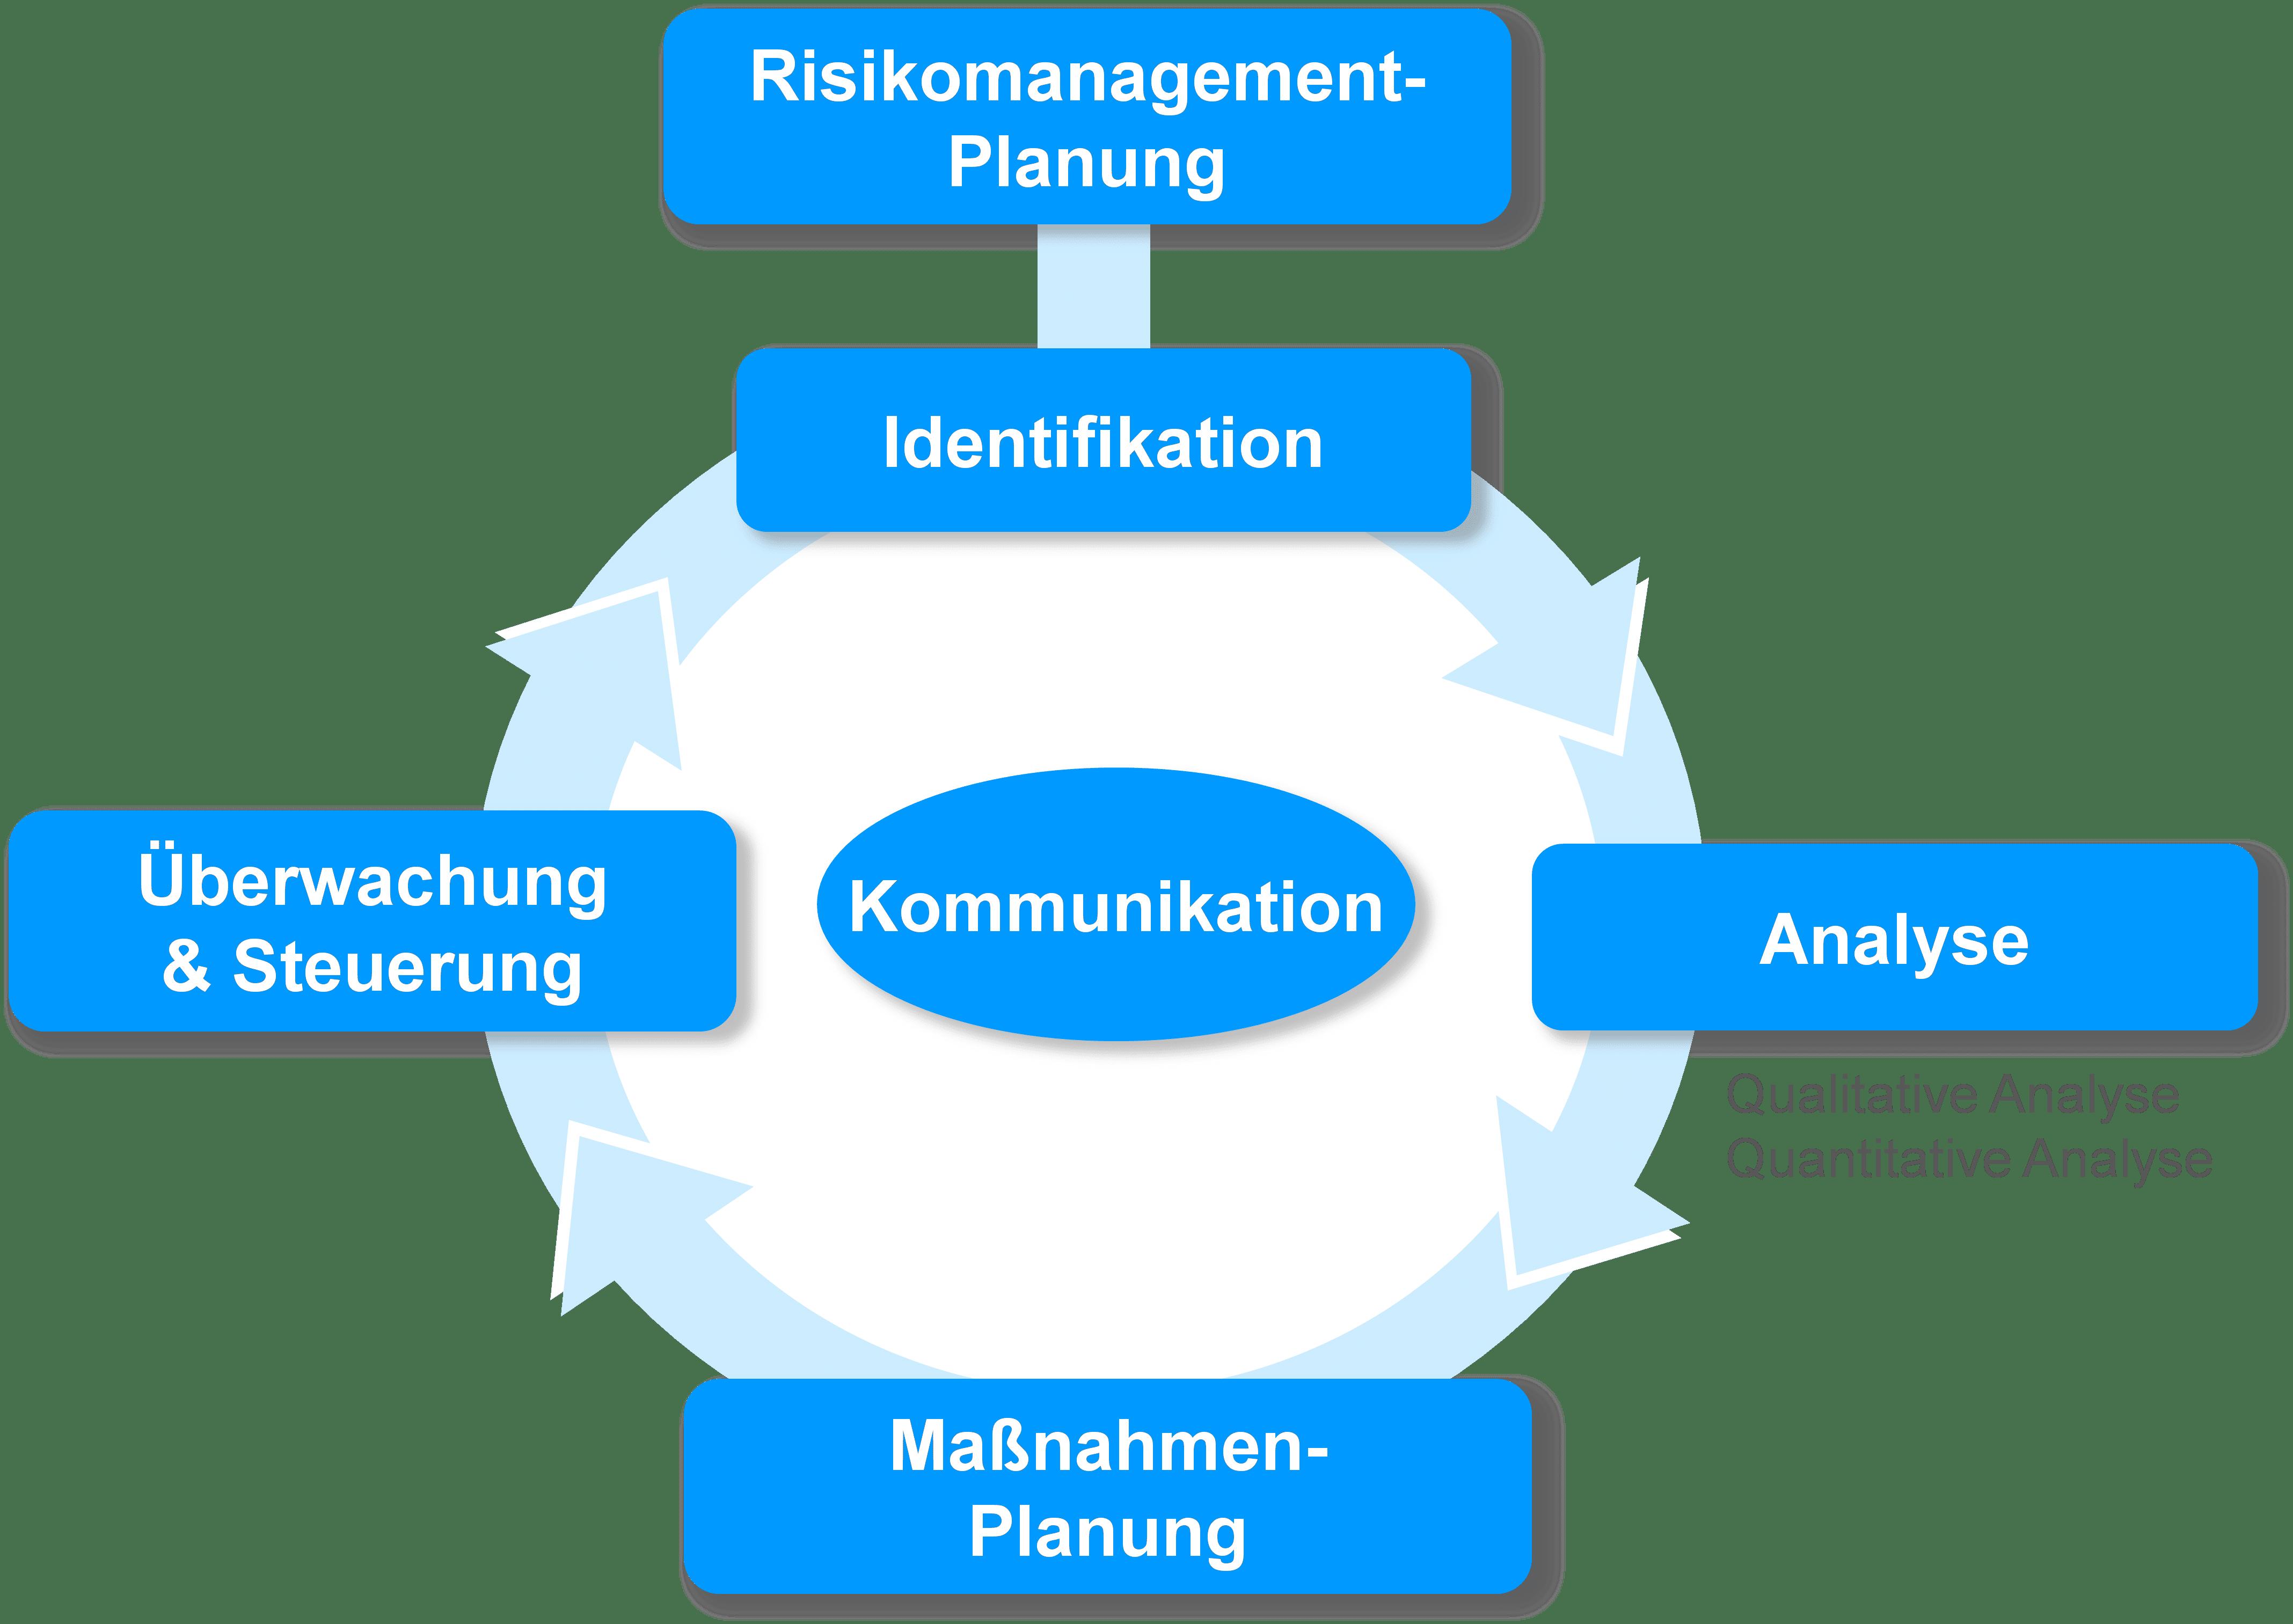 risikomanagementprozess